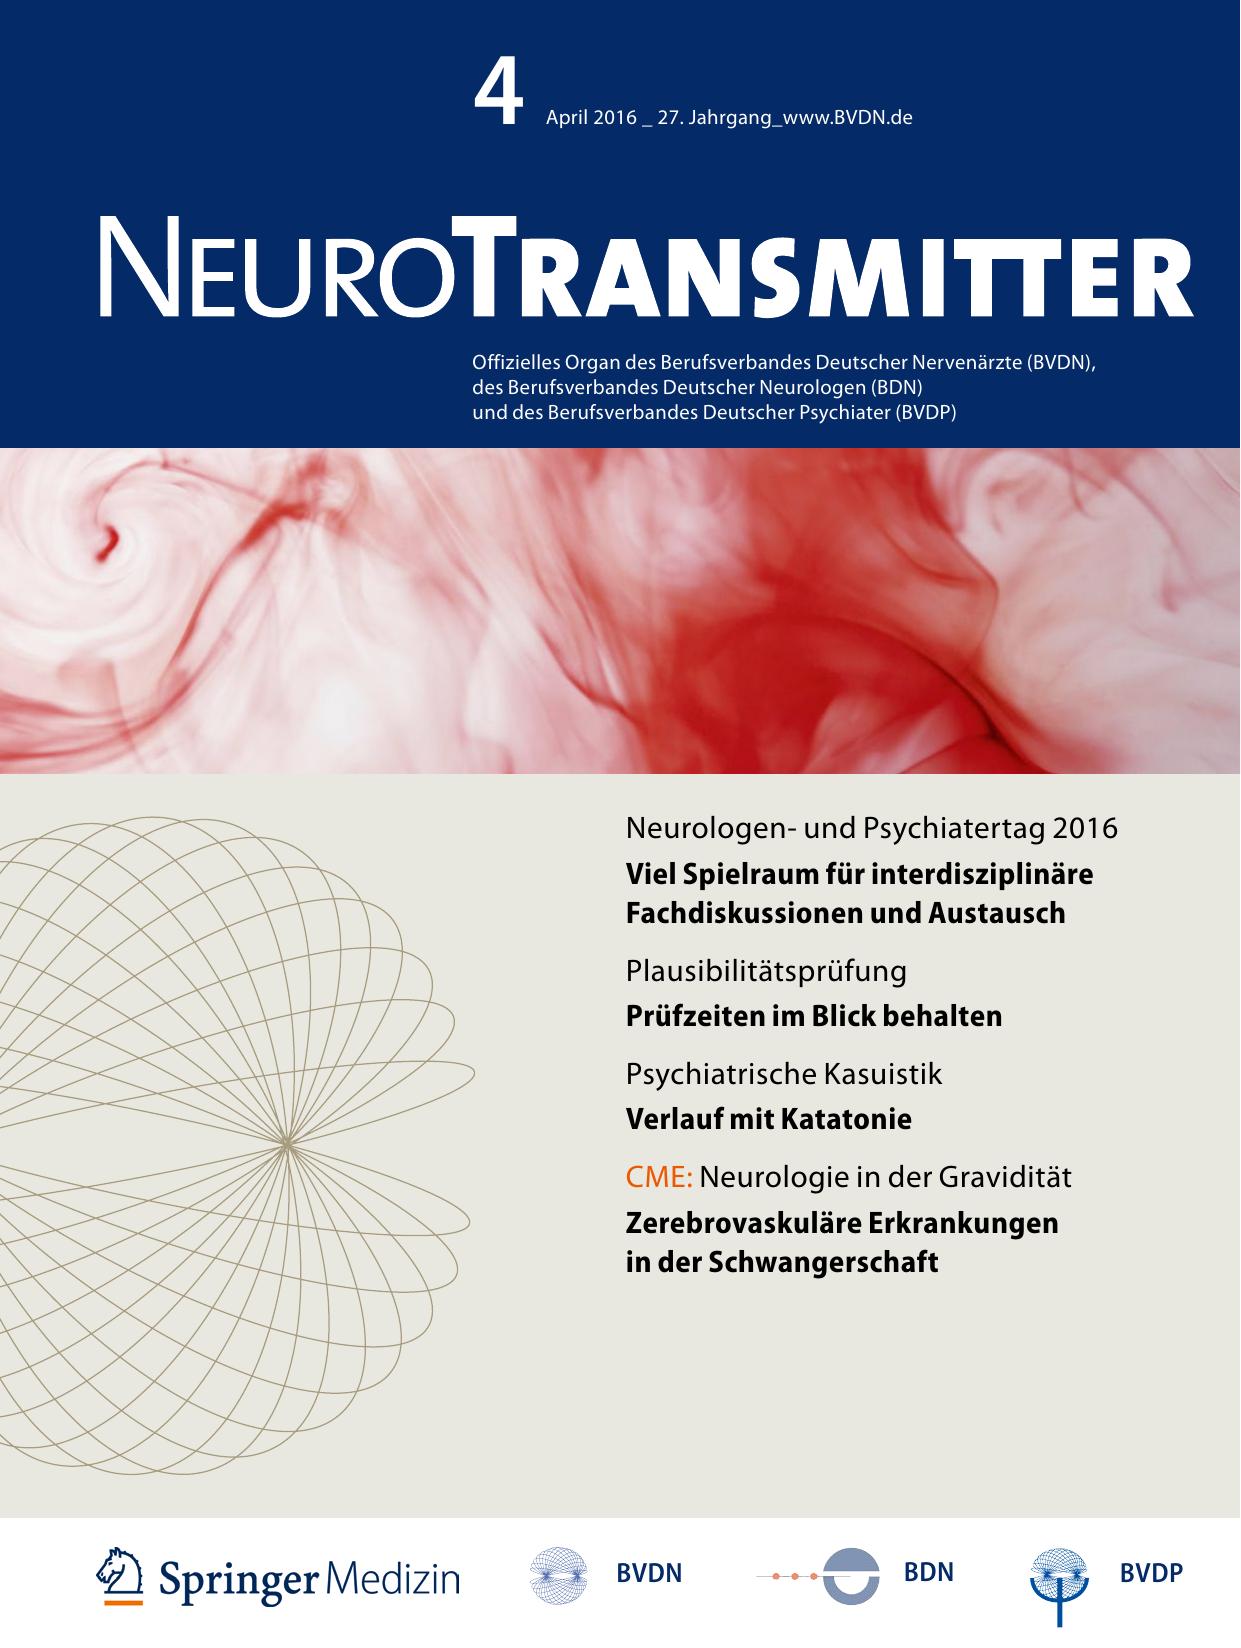 Neurologen- und Psychiatertag 2016 Viel Spielraum für